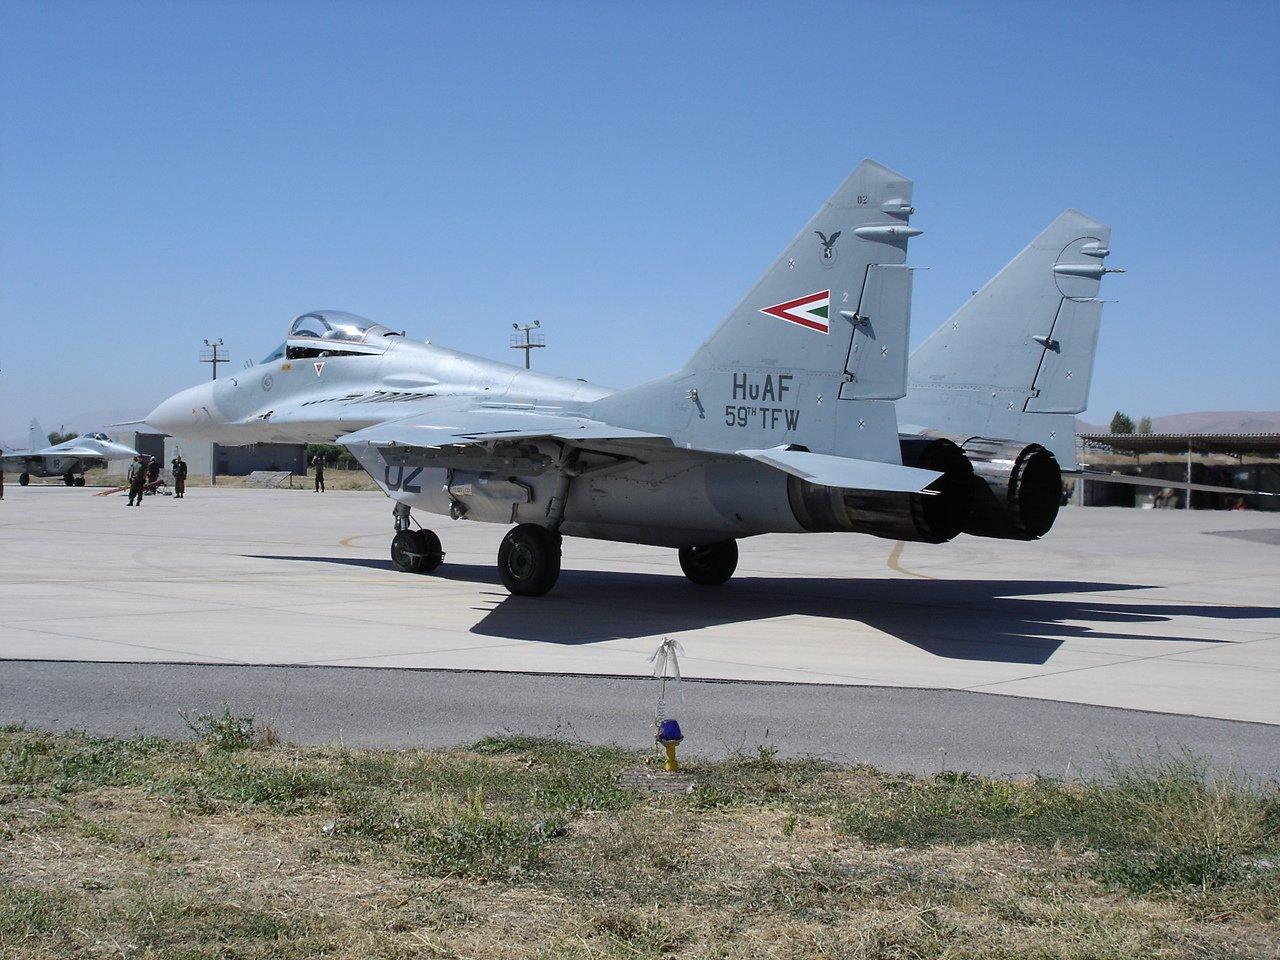 МиГ-29 ВВС Венгрии. Источник: